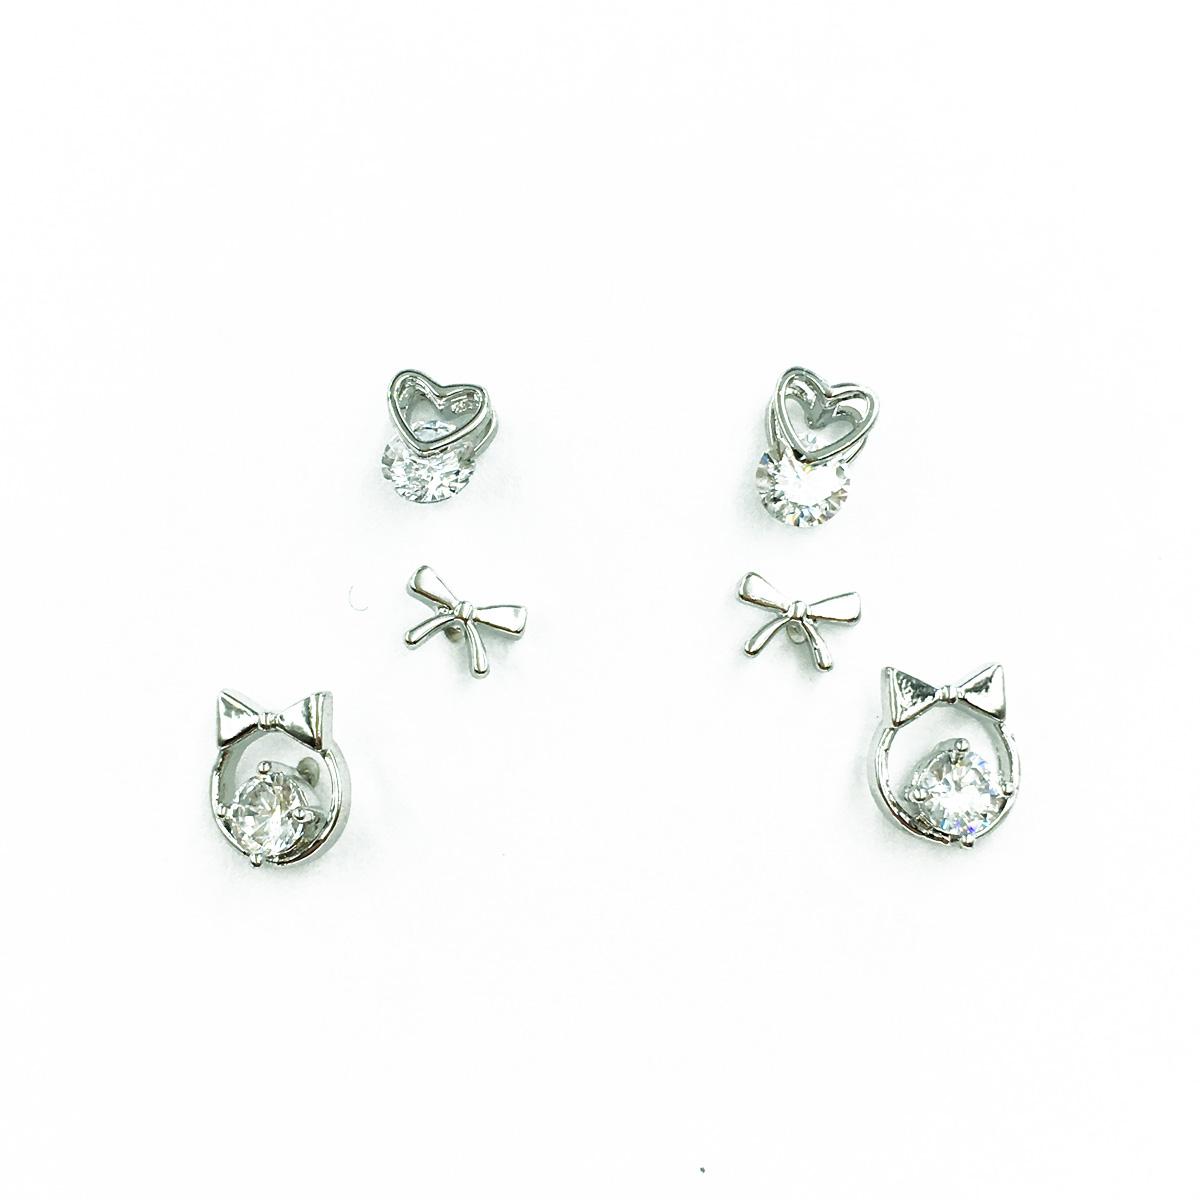 韓國 925純銀 蝴蝶結 水鑽 夾心愛心 簍空 3對組 可愛甜美風 耳針式耳環